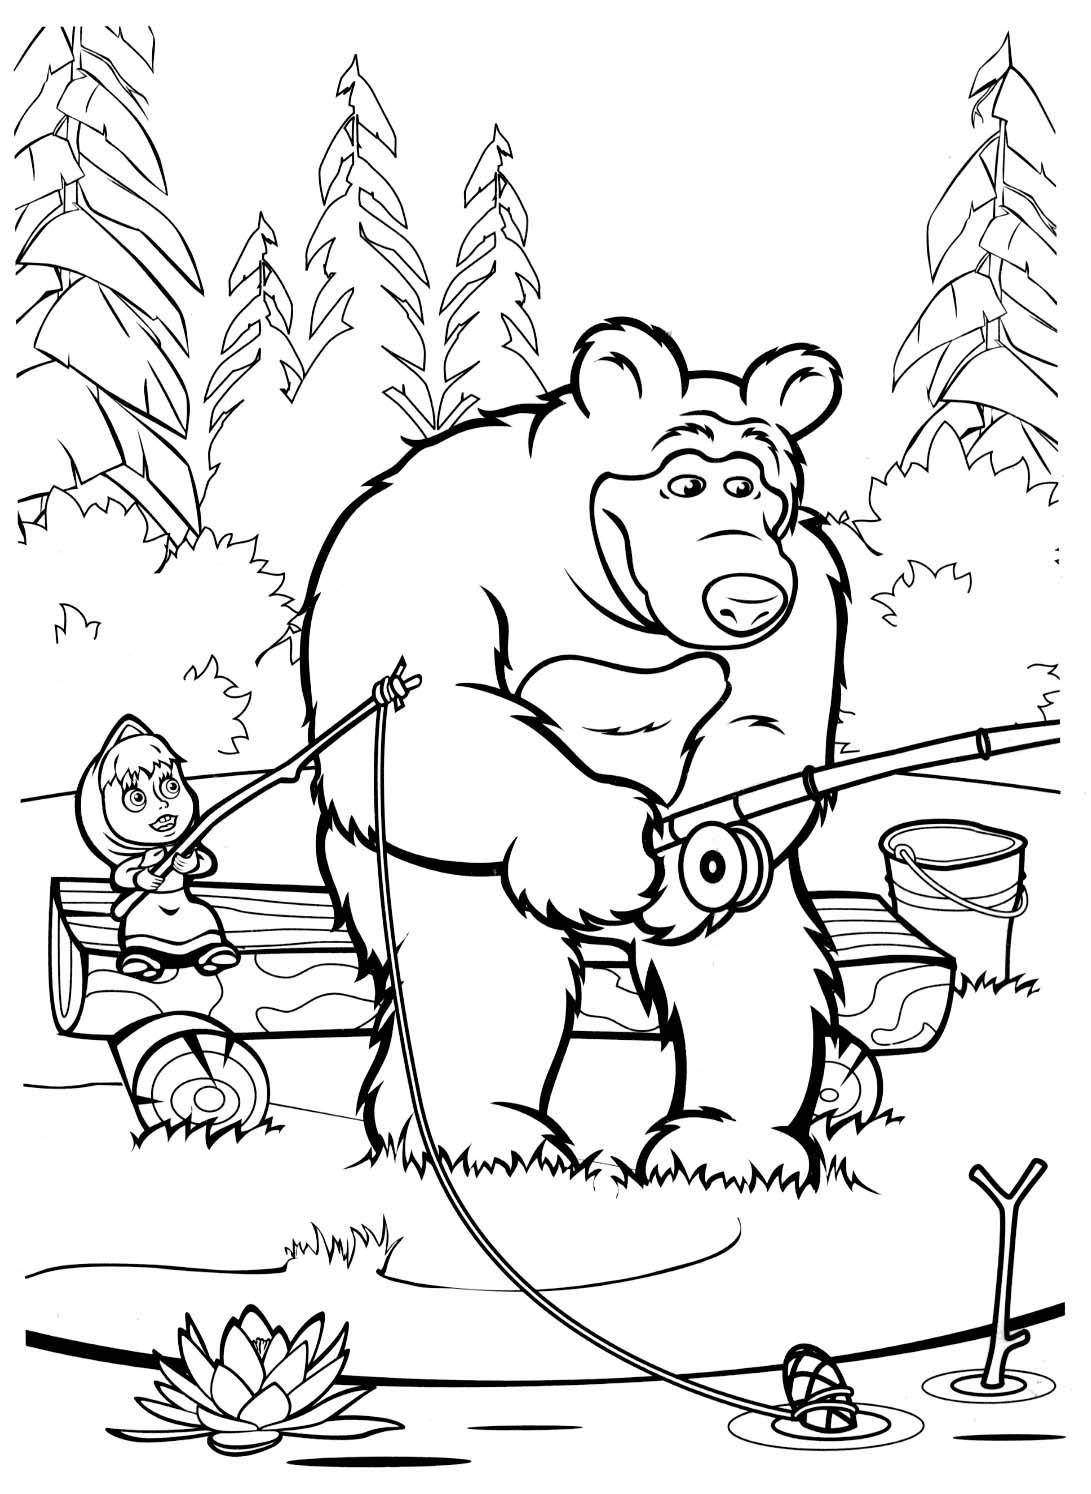 imagen-de-masha-y-el-oso-para-imprimir